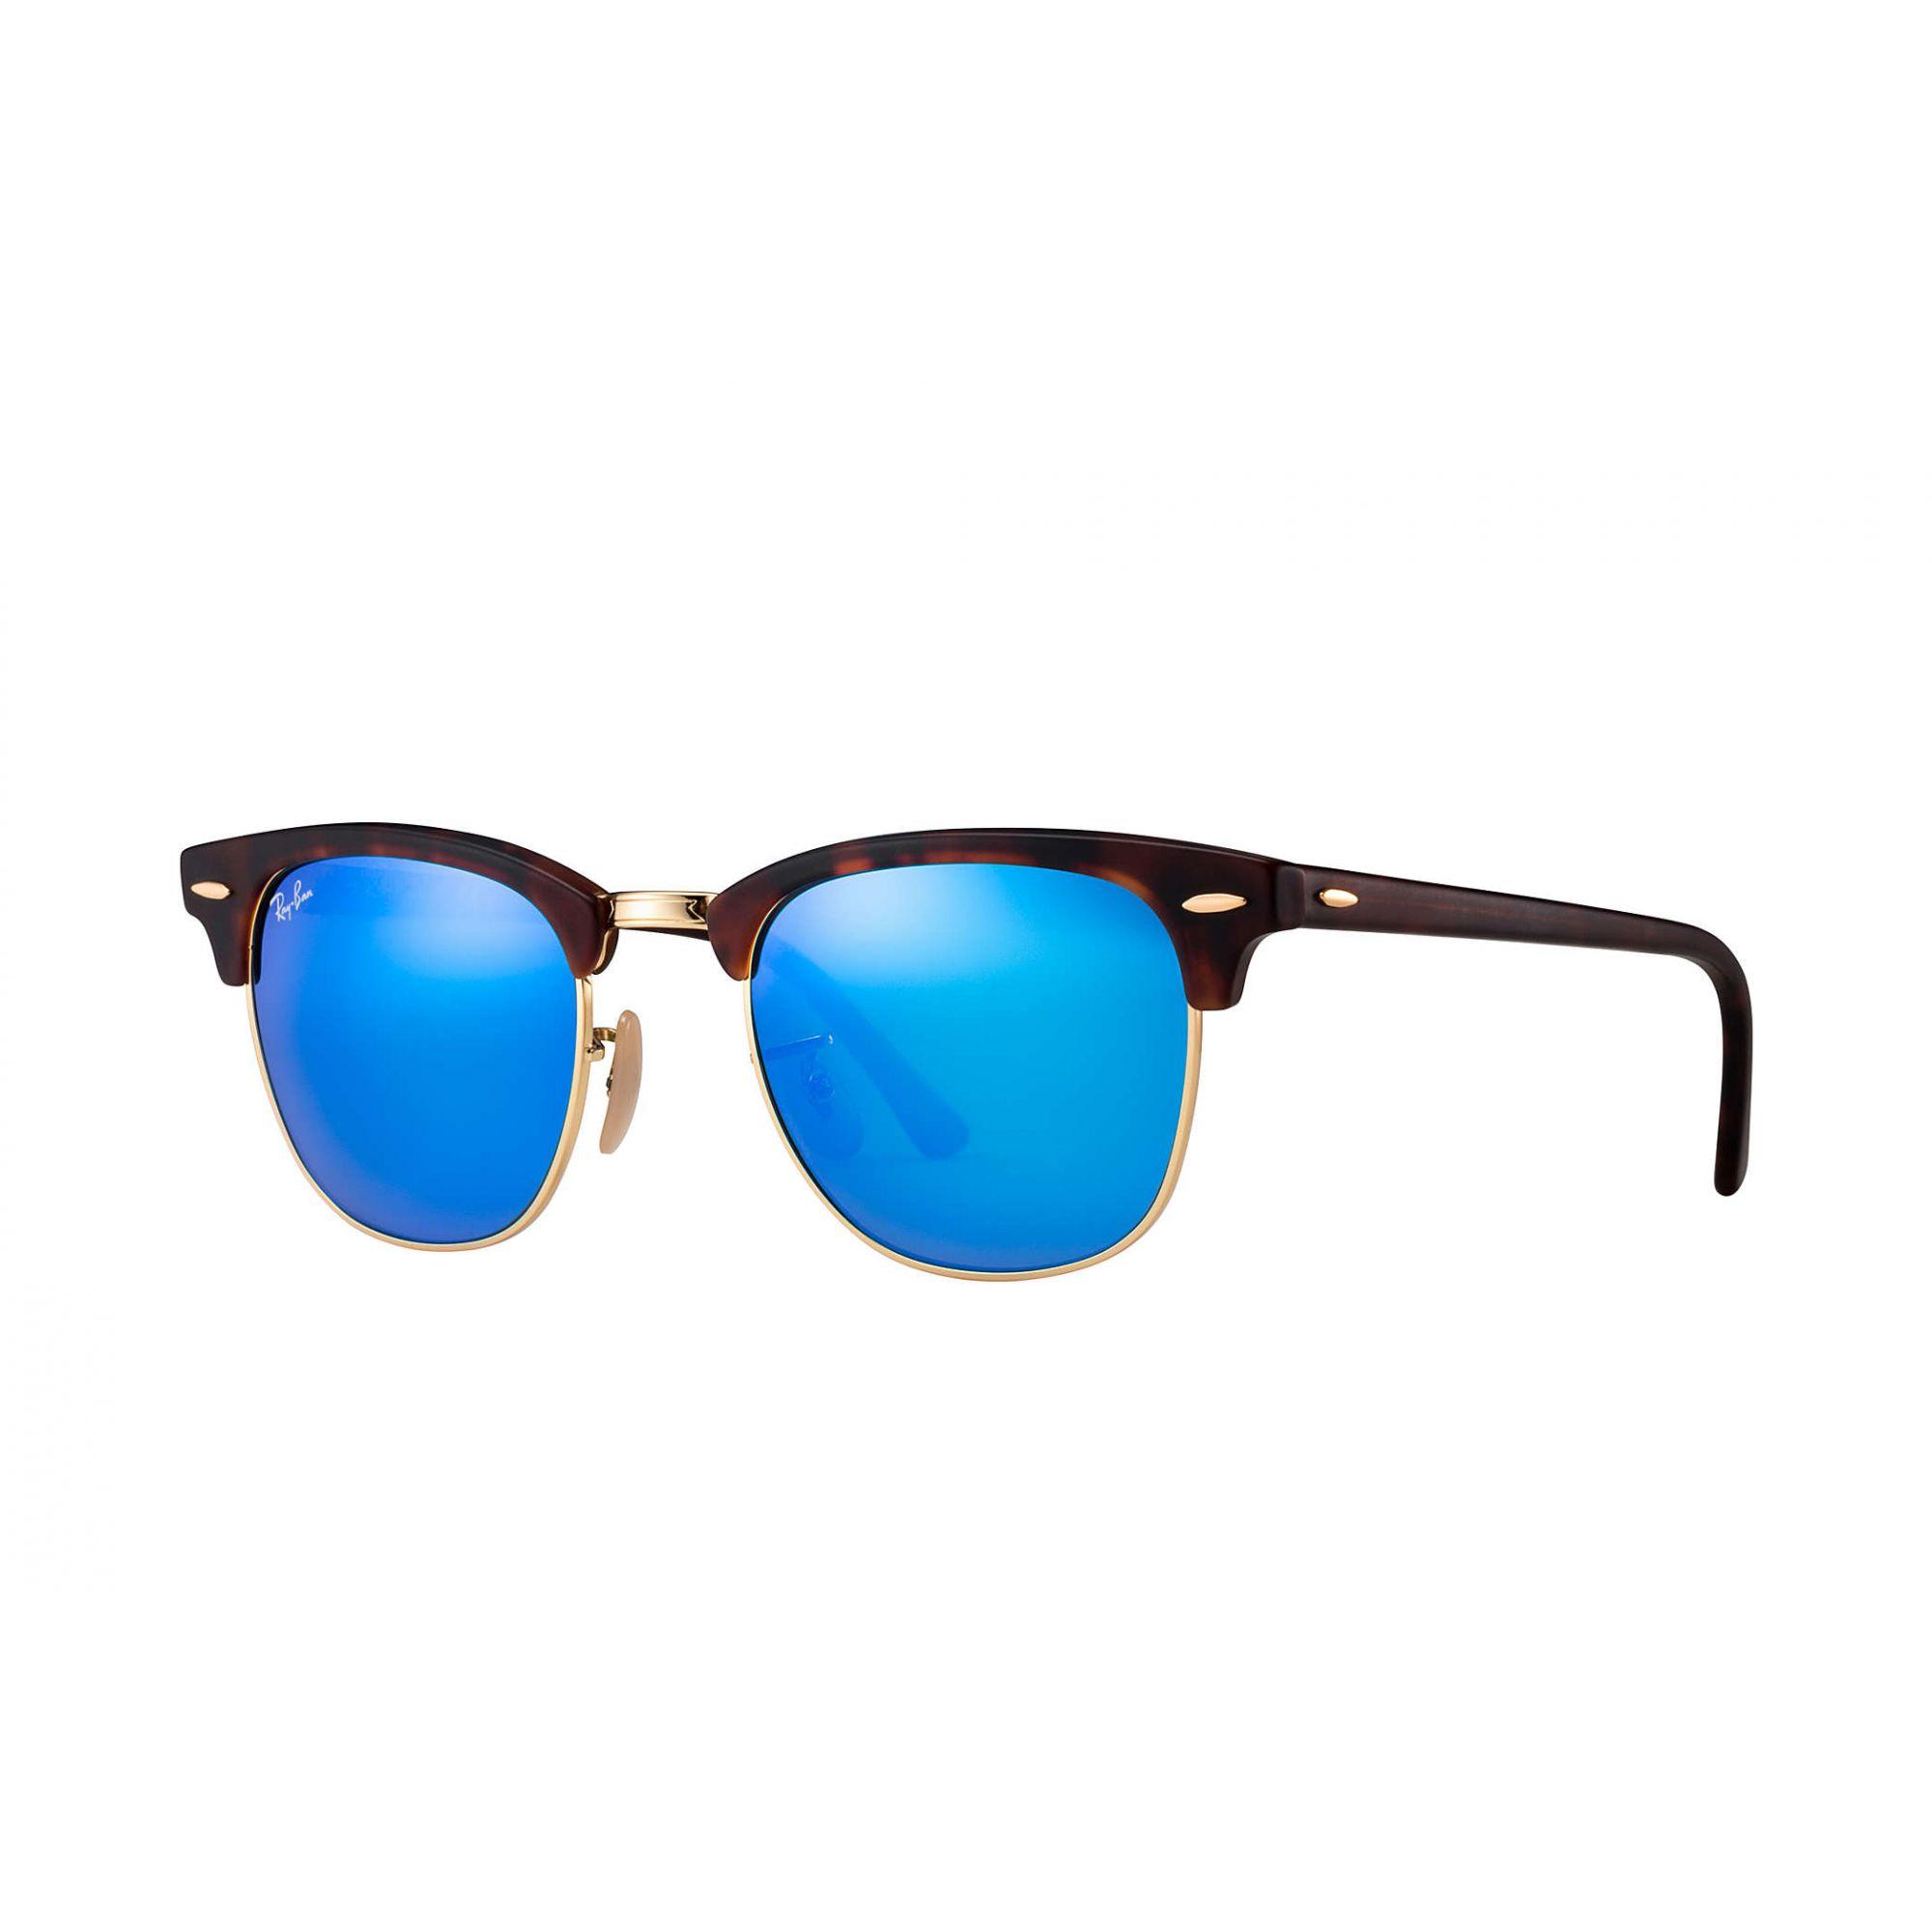 Óculos de Sol Unissex Ray-Ban ClubMaster Espelhado Azul